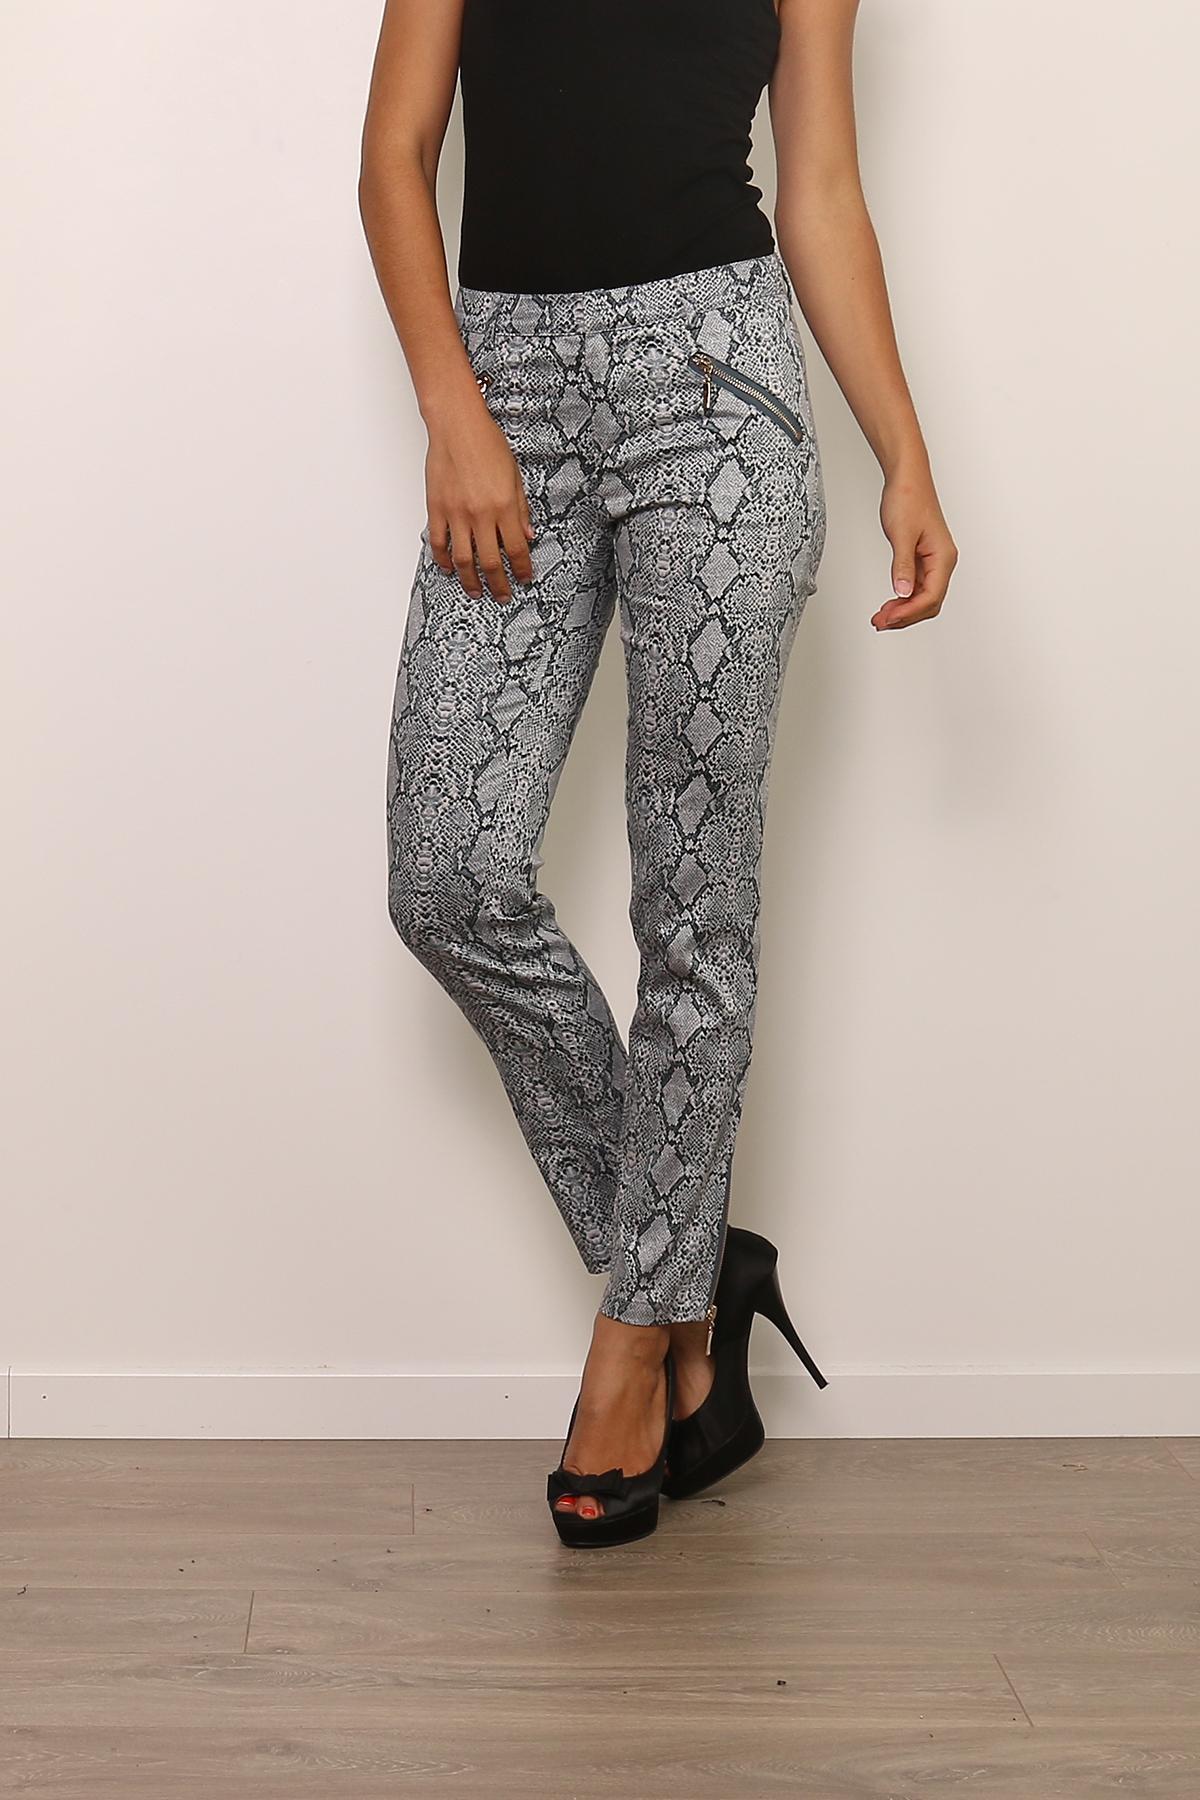 Pantalons Femme Bleu Lucy & Co Paris 11 L90049 #c eFashion Paris